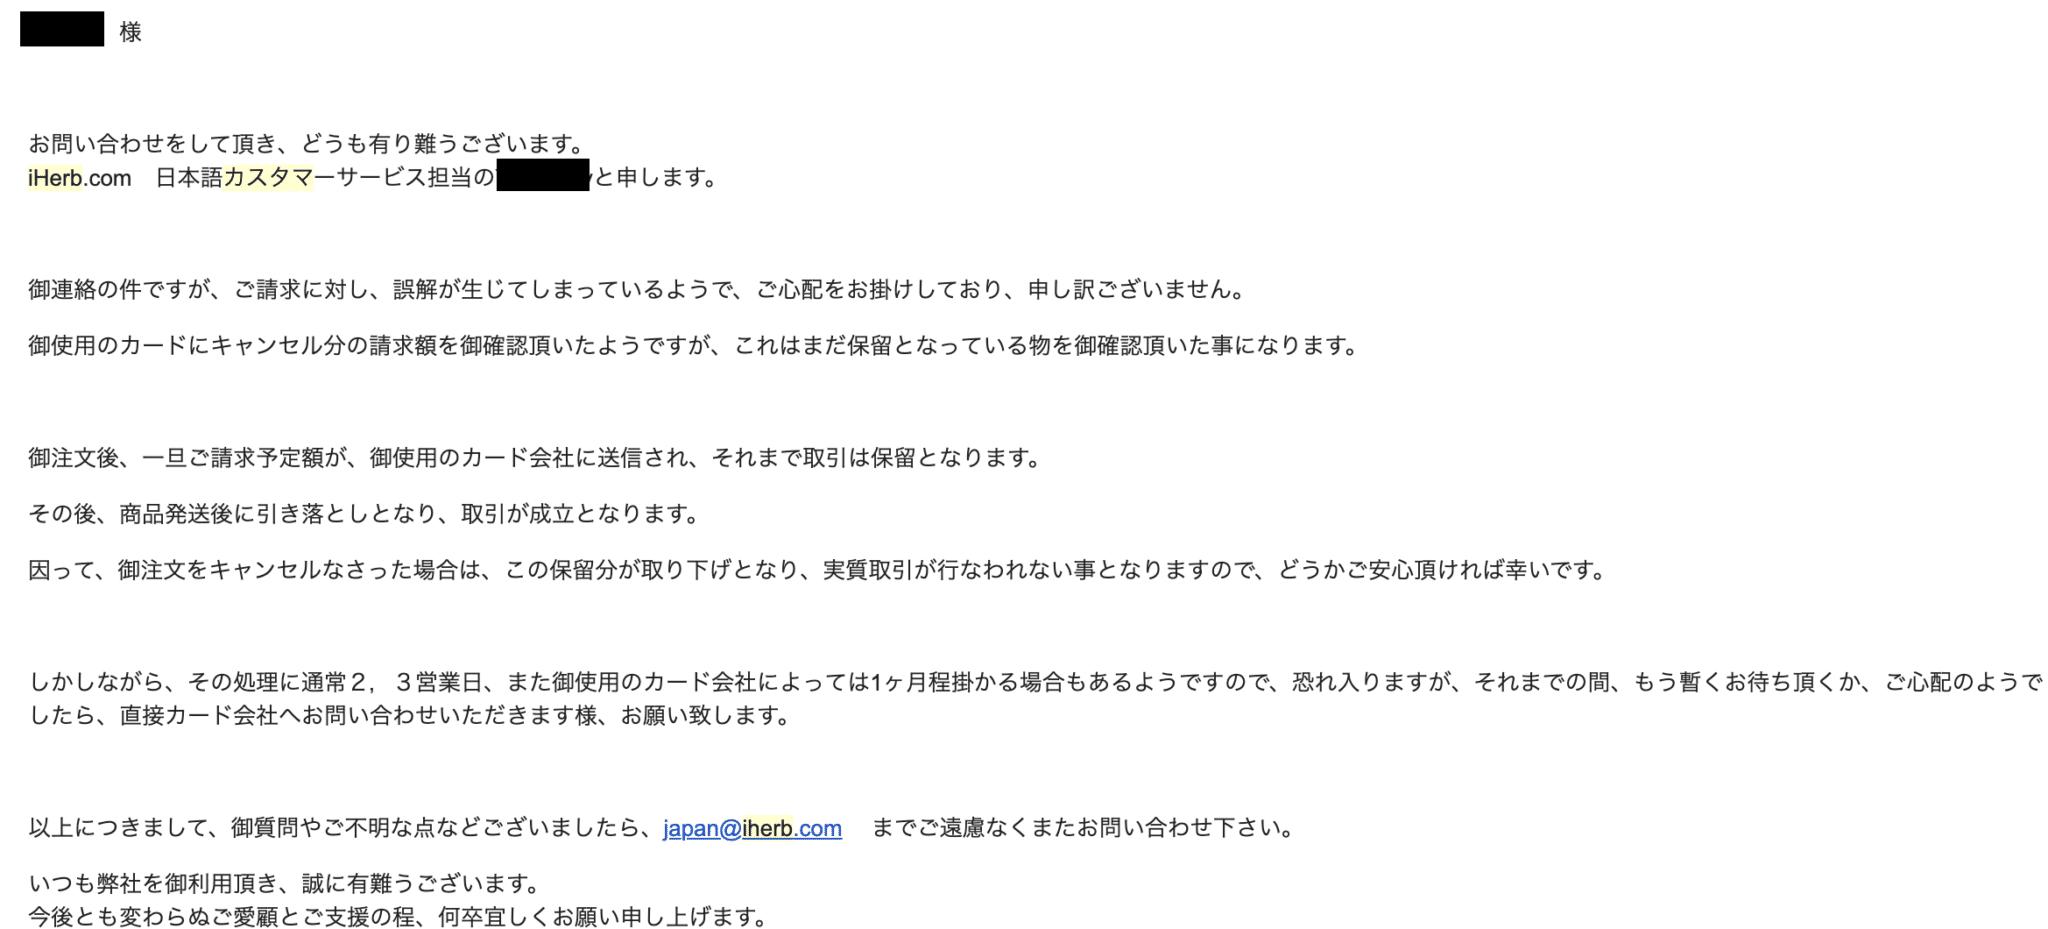 iherb 問い合わせ 結果